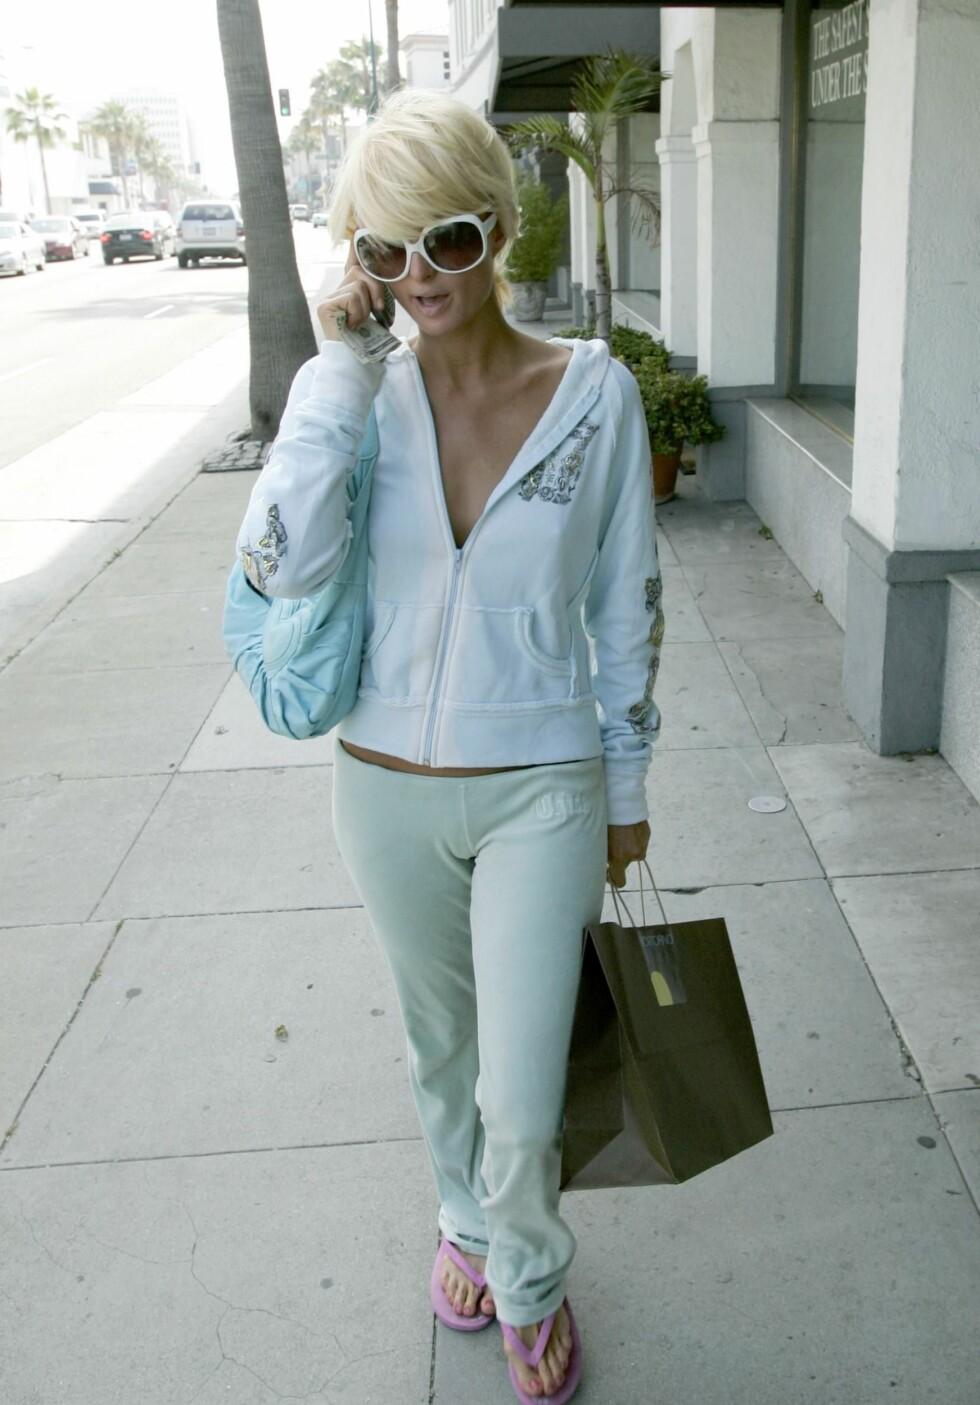 Paris Hilton på shopping i Beverly Hills. Ikke noe uvanlig syn.